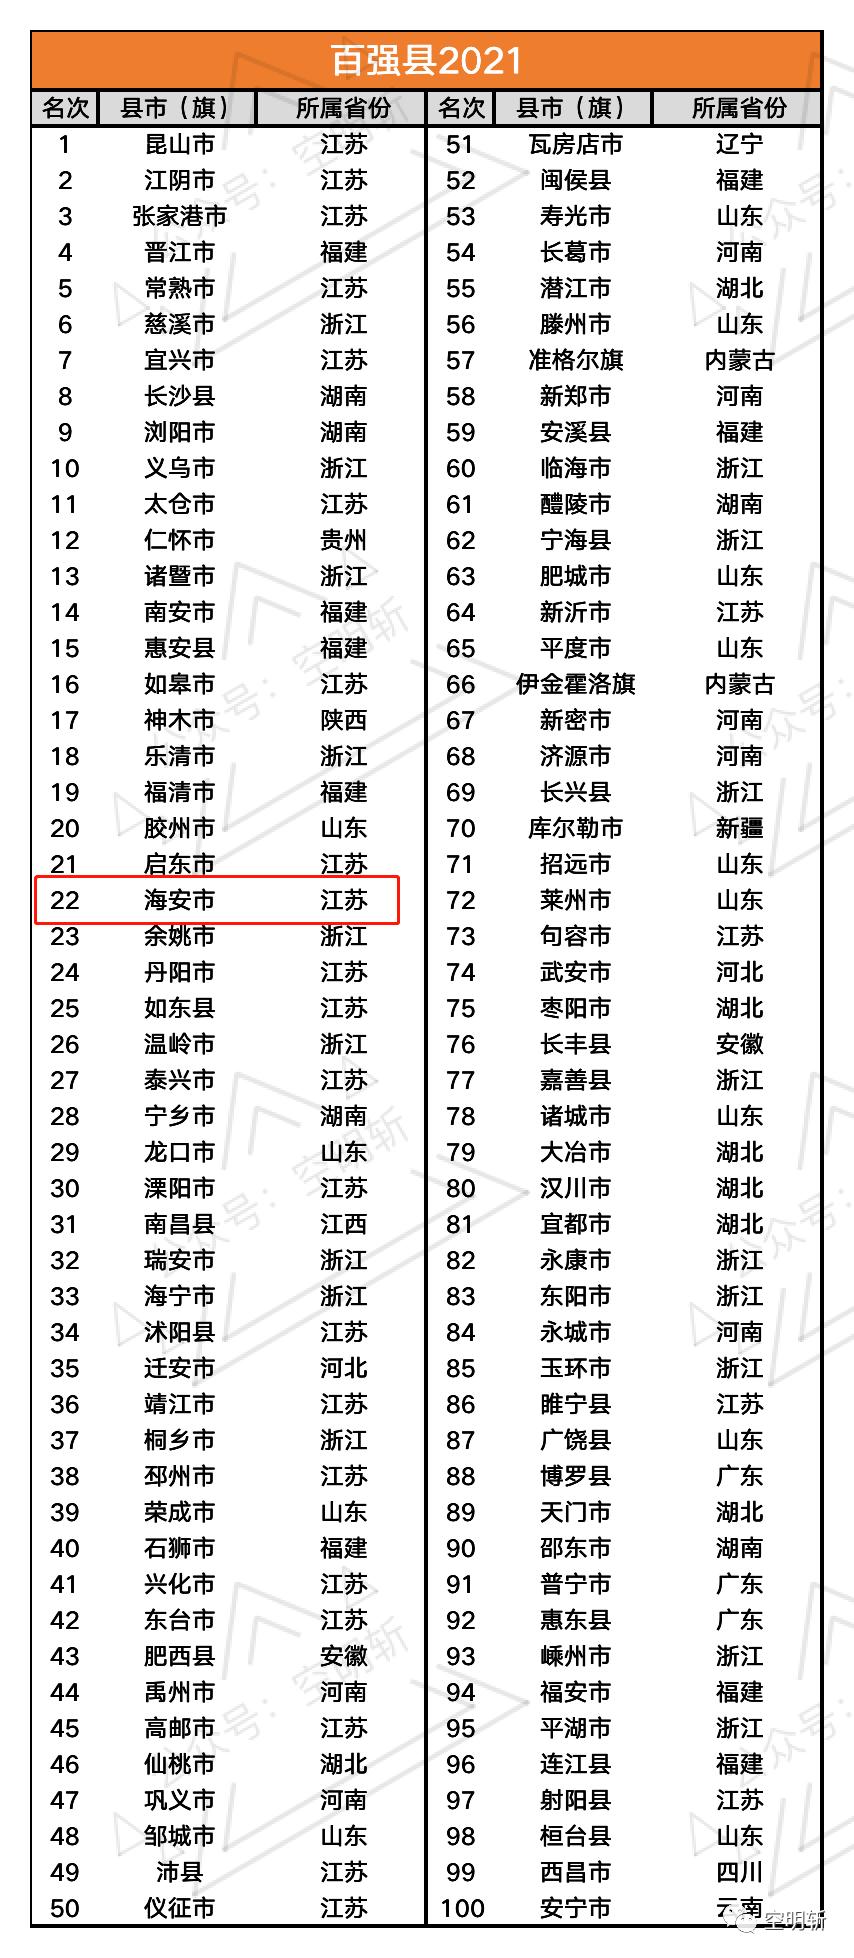 2021年福建各个县城市gdp_2018年福建各市 县 市 区 GDP出炉 你的家乡排在第几